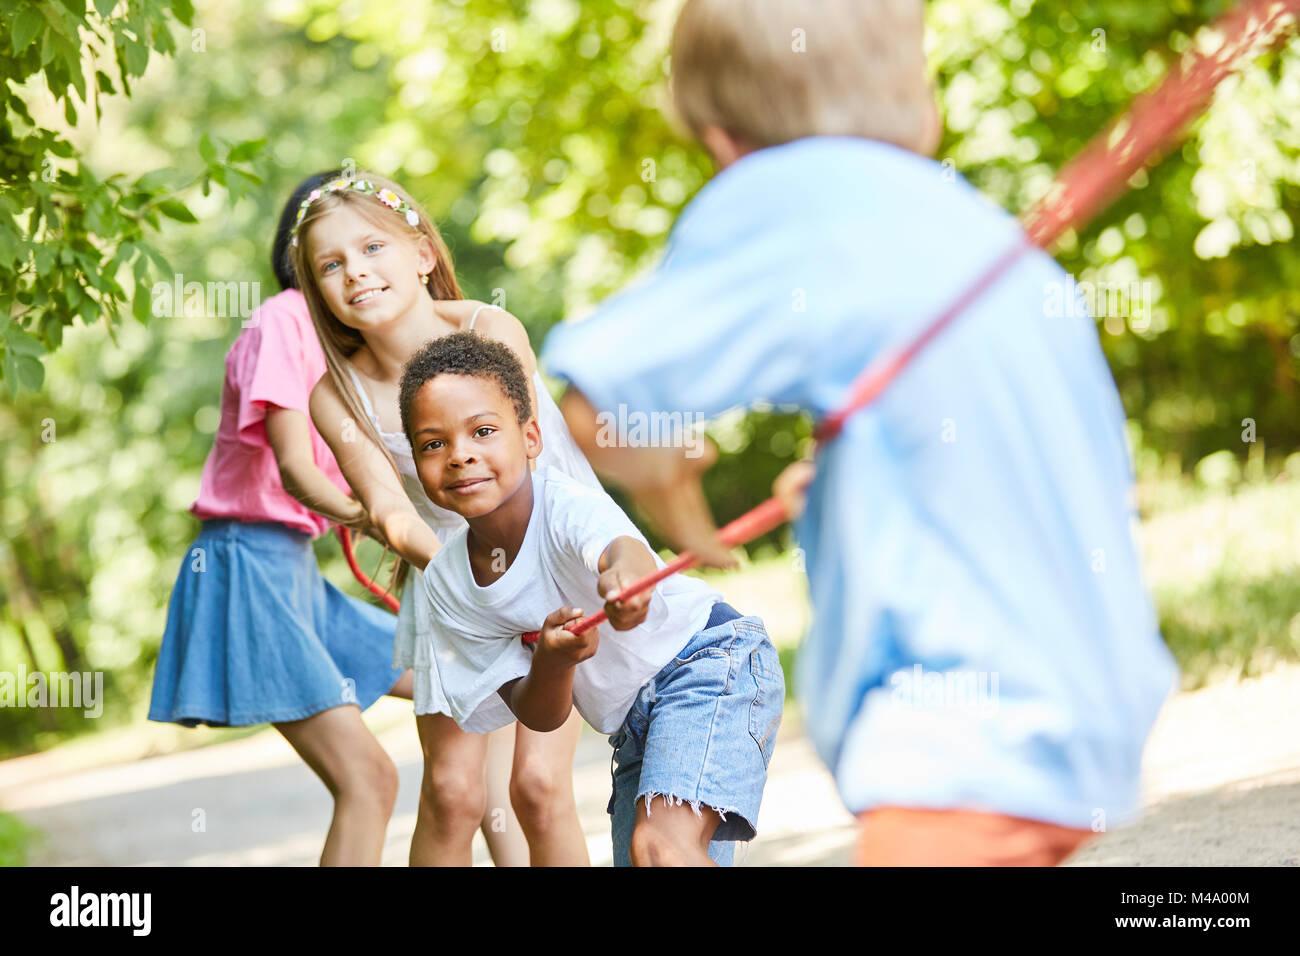 Gruppe von Kindern in Tauziehen Wettbewerb als starkes Team in der Natur Stockbild